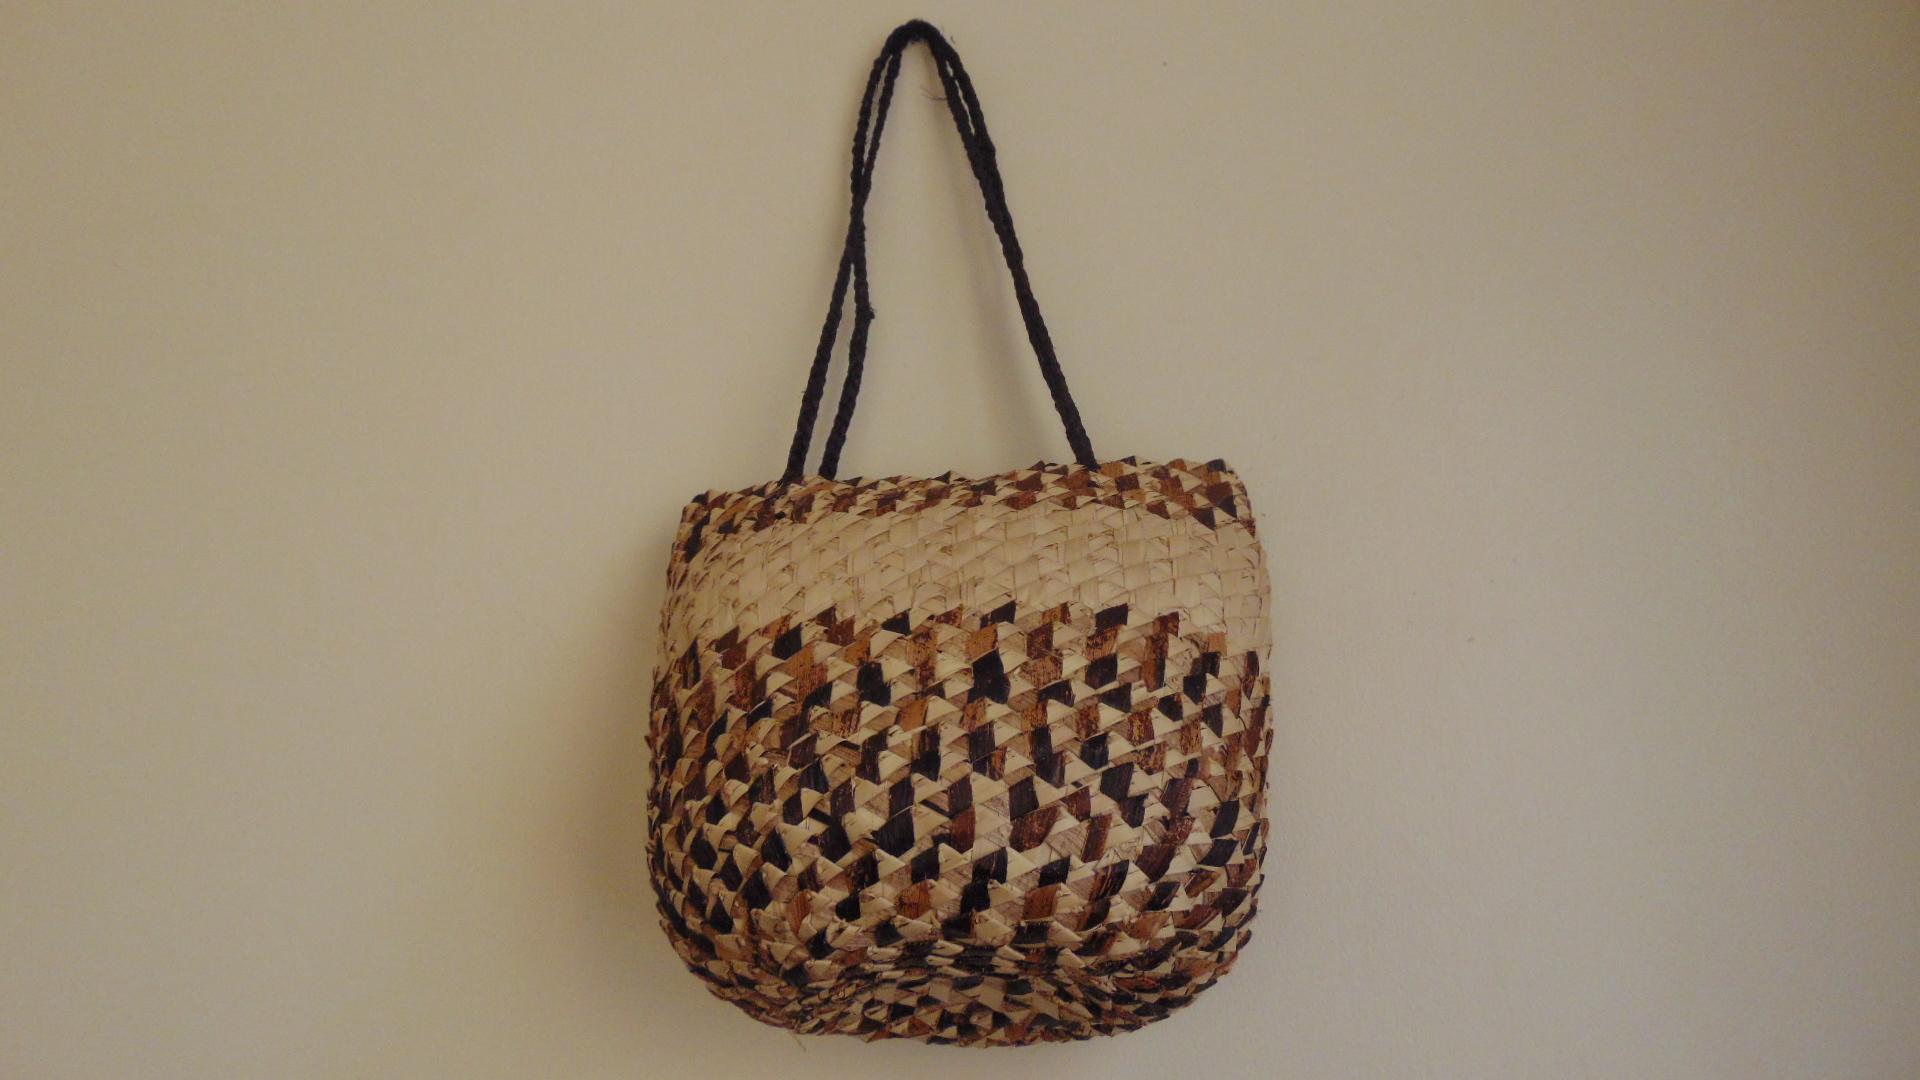 Banana fiber handbag